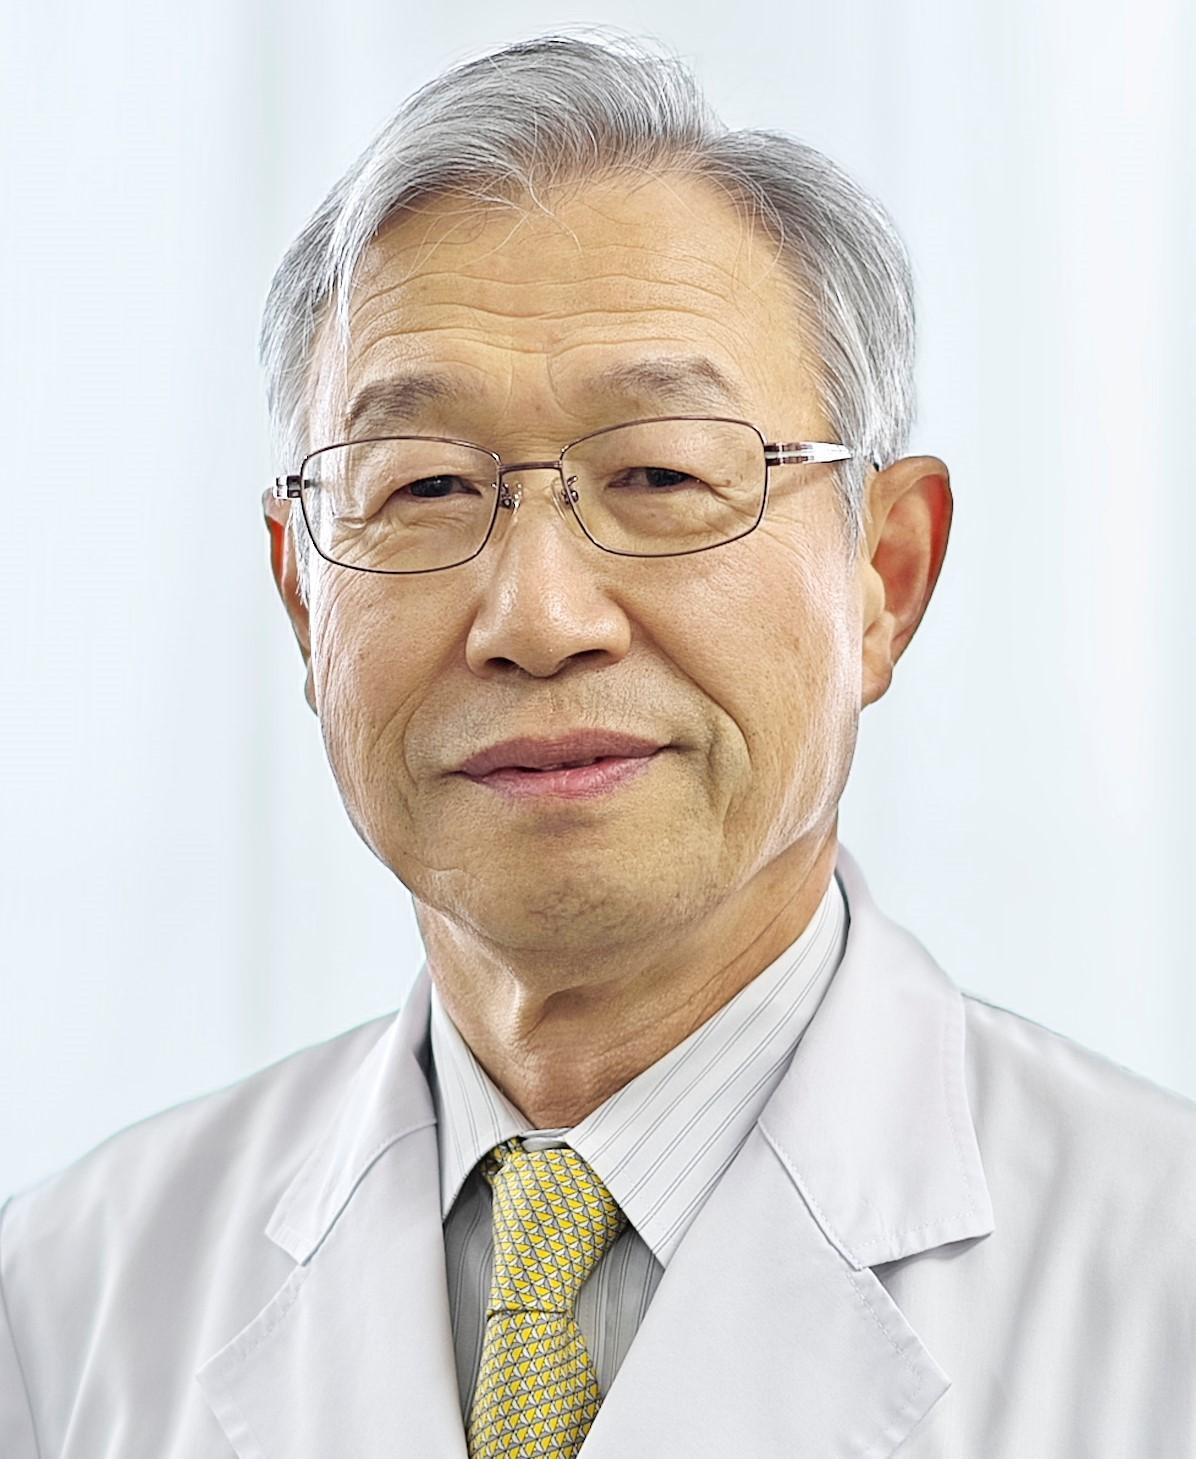 放射線 伊藤Dr.jpg